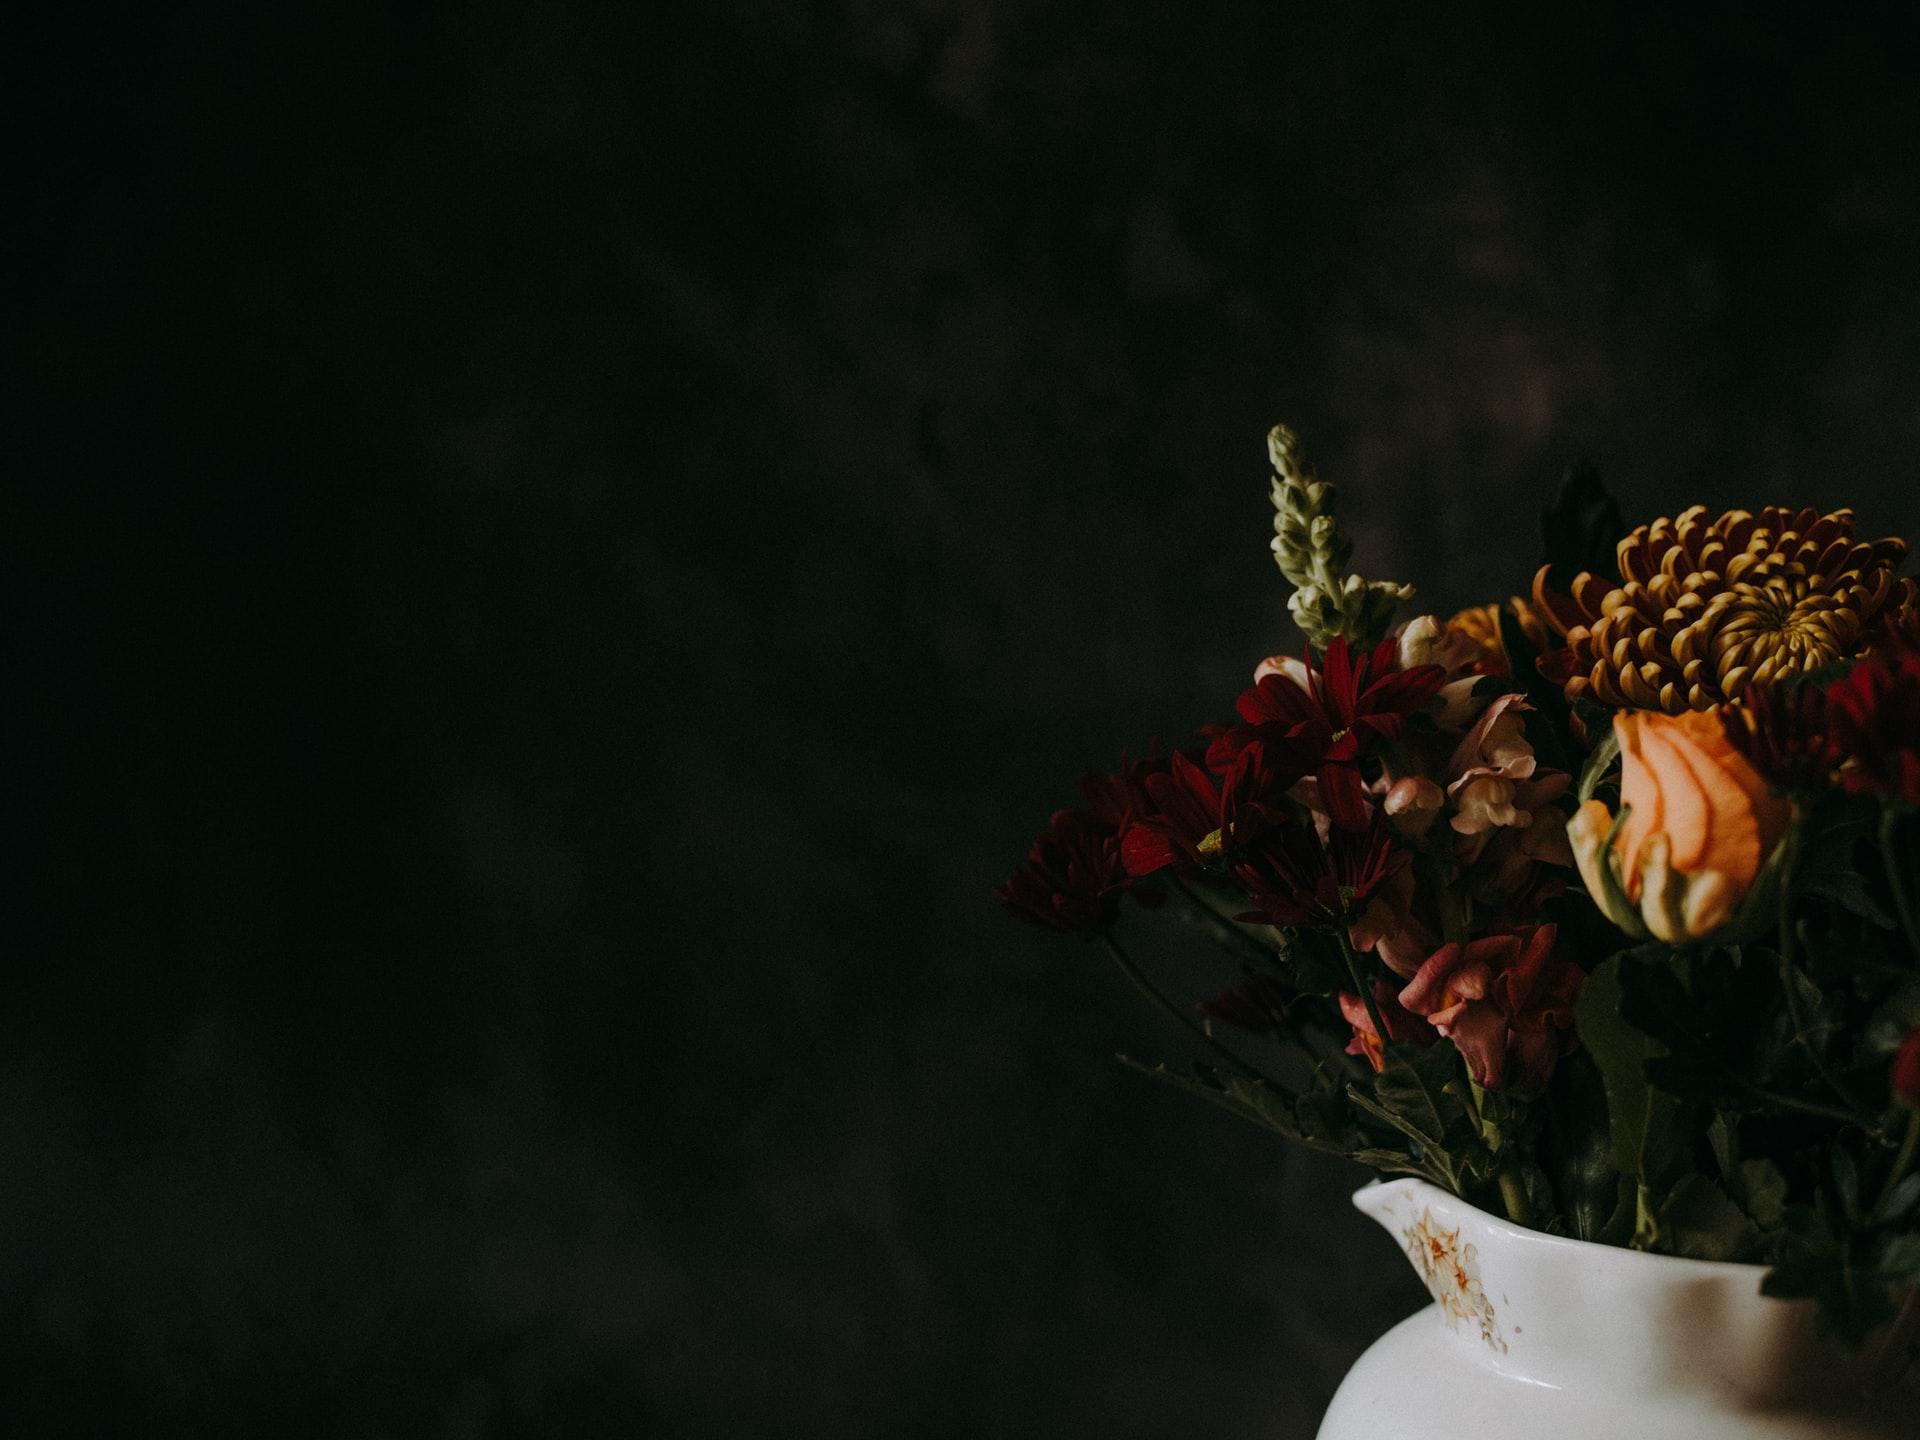 Flowers in white vassel